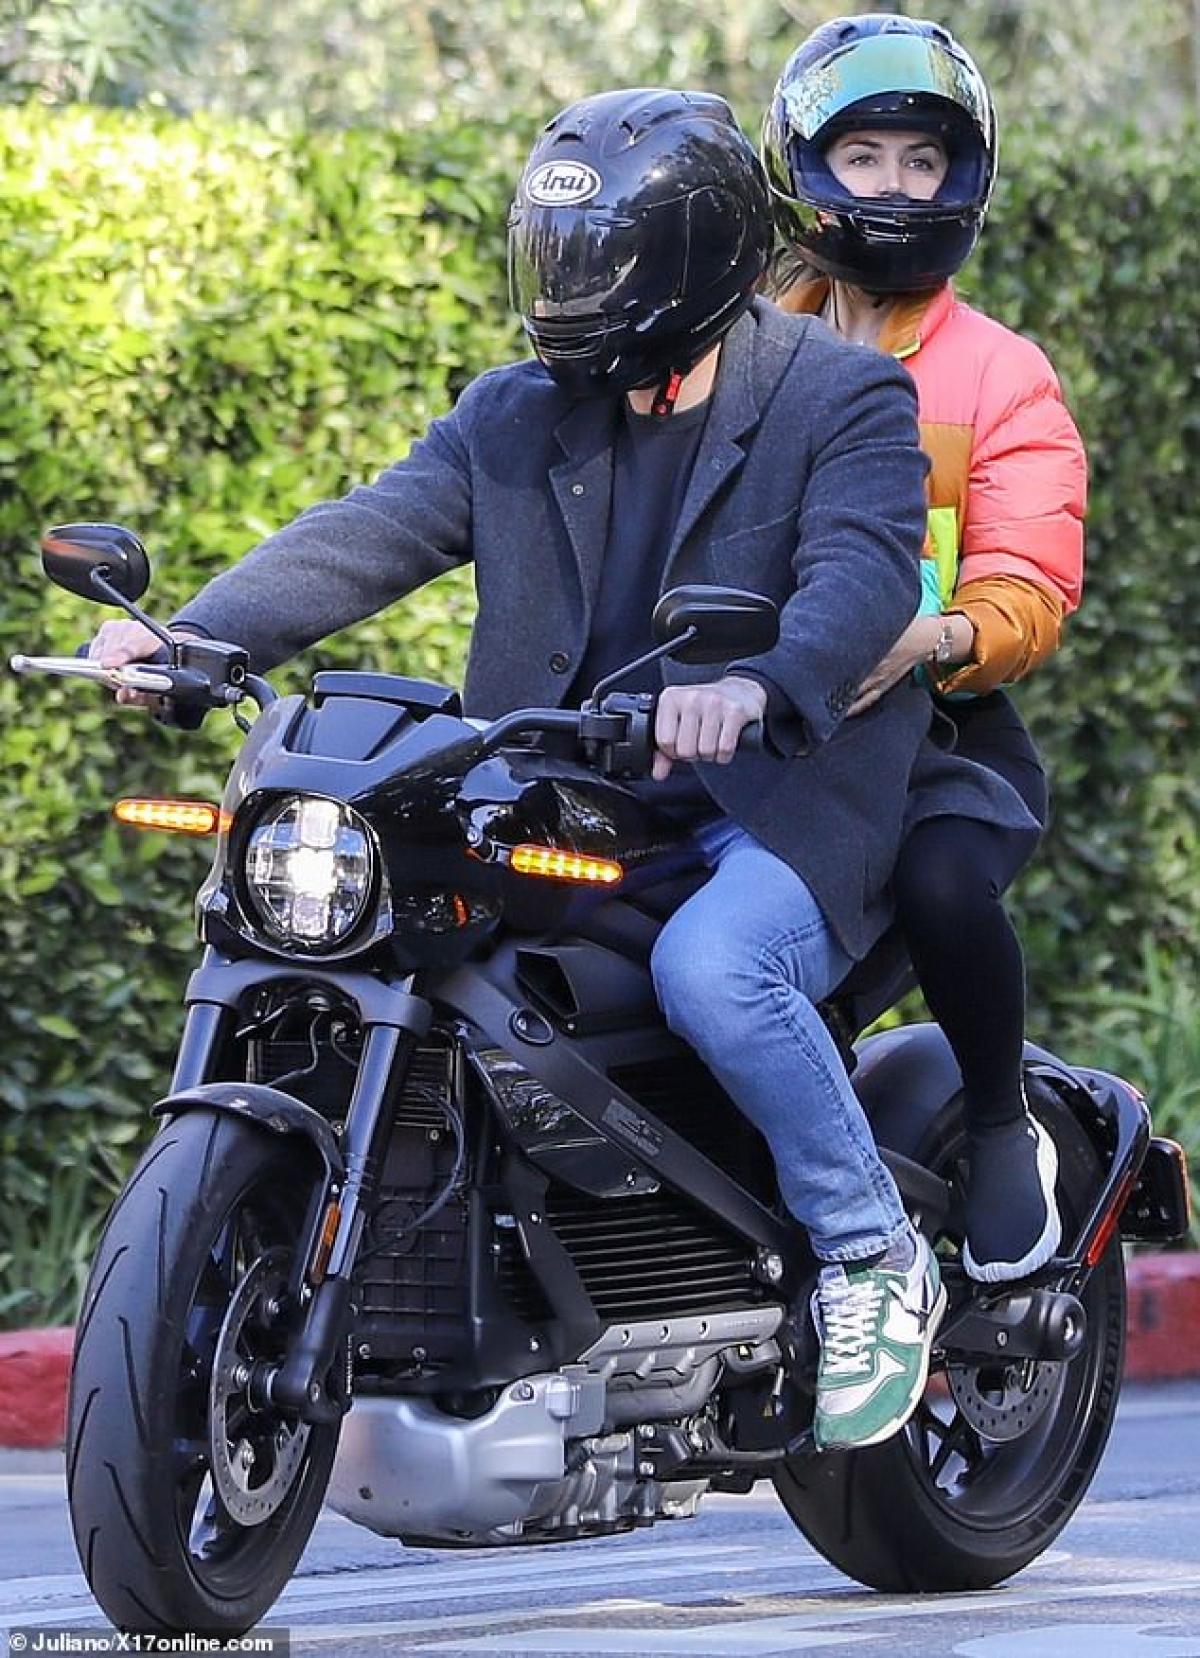 Ana De Armas mặc quần legging xuyên thấu kết hợp với áo phao và giày thể thao khỏe khoắn.